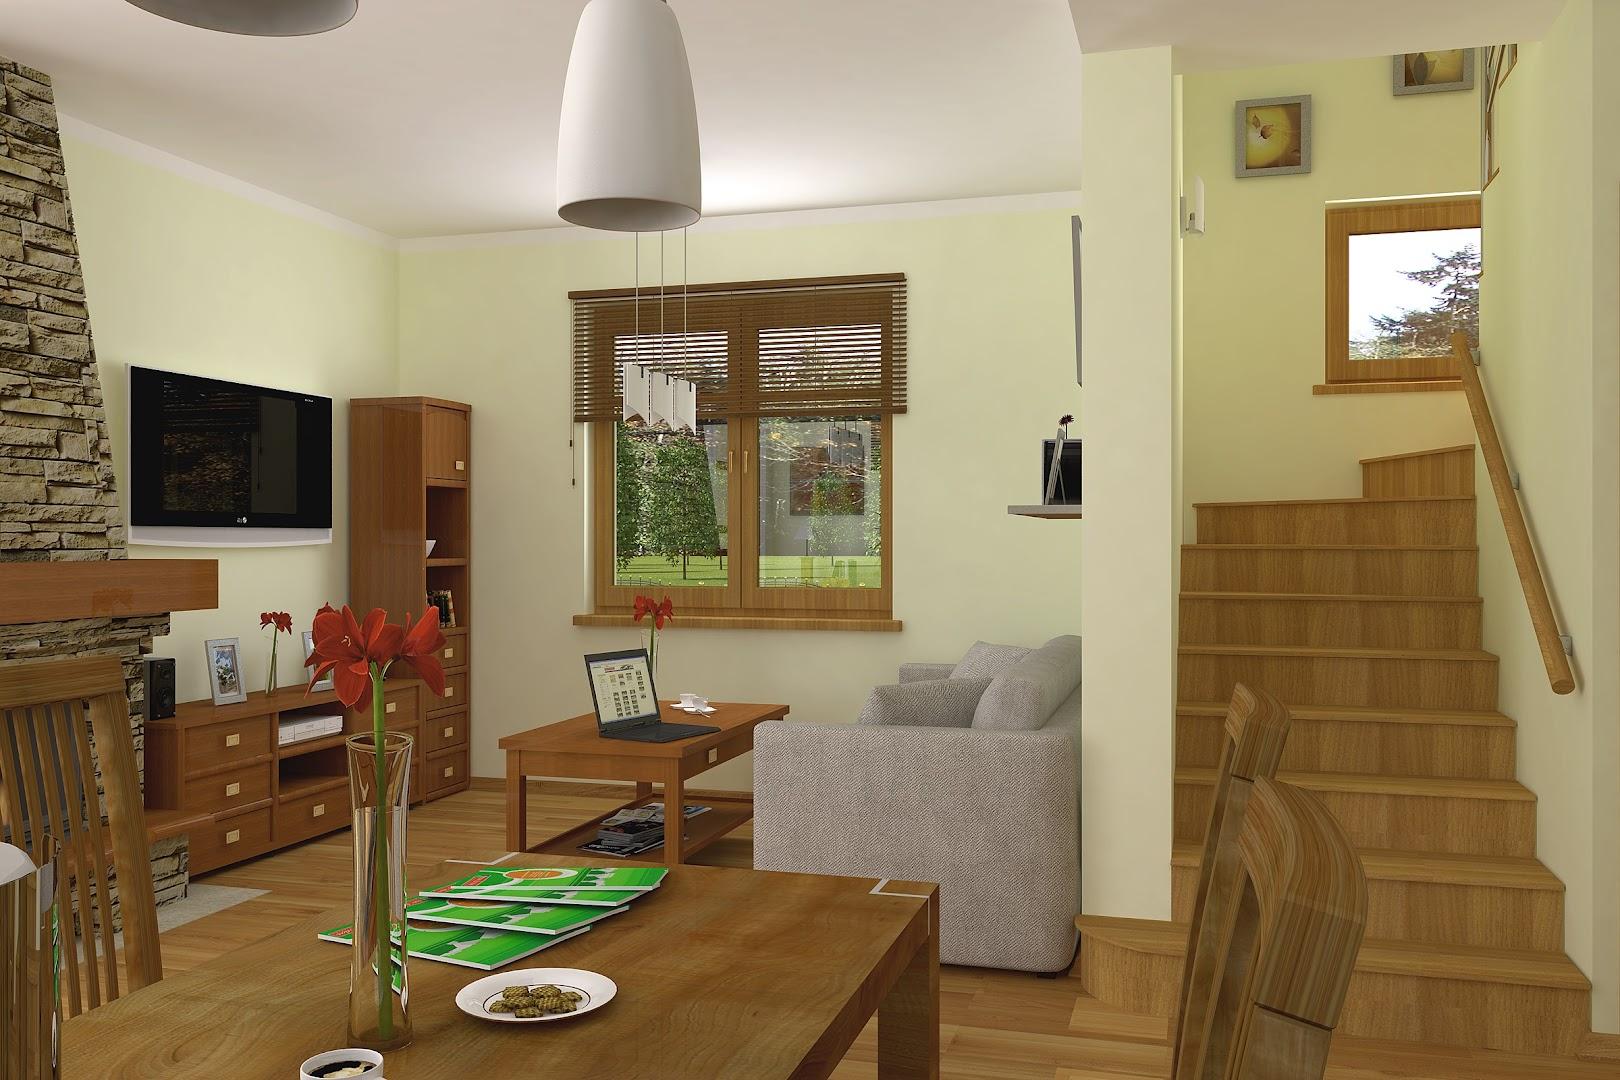 Projekt domu Agatka z garażem 1 st A (TJW 352)  81 8m² -> Kuchnia Letnia Z Garażem